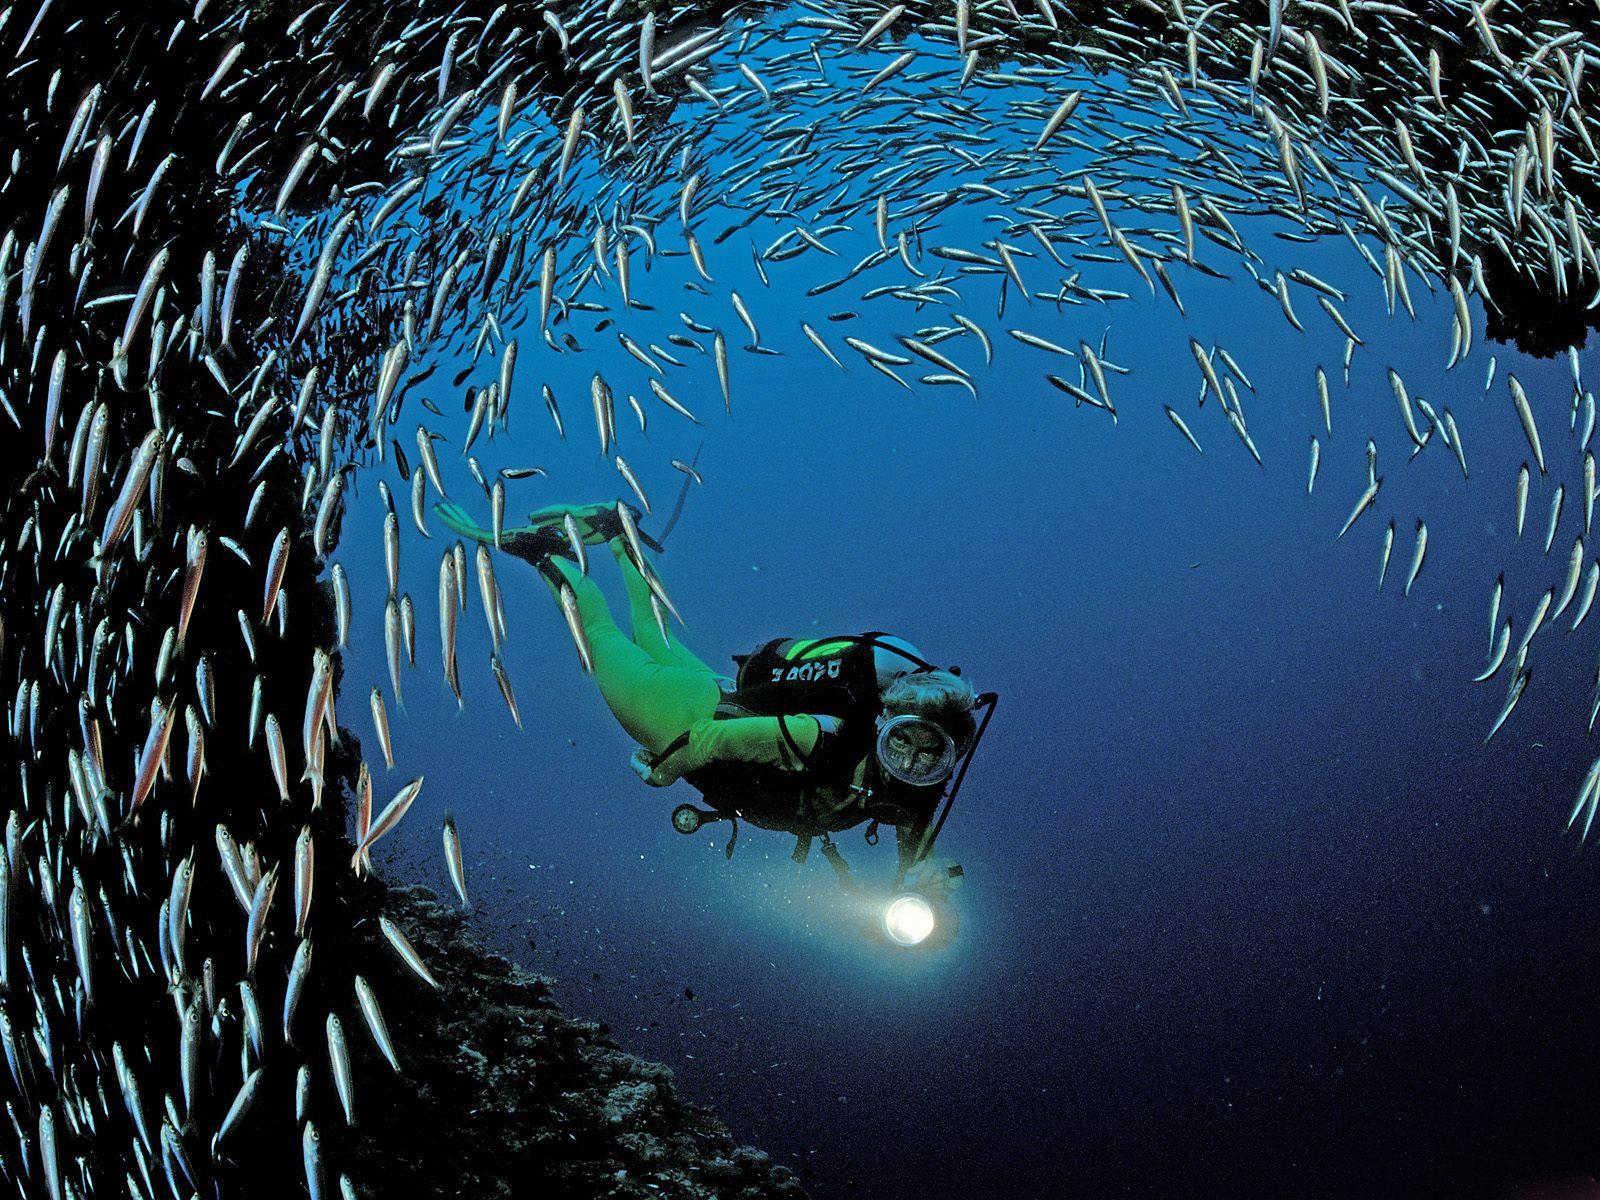 http://4.bp.blogspot.com/-y9JyNLbomLg/TkrKj7ZYAUI/AAAAAAAALjg/DmKSgit3hc8/s1600/Underwater+Wallpapers+%25284%2529.jpg